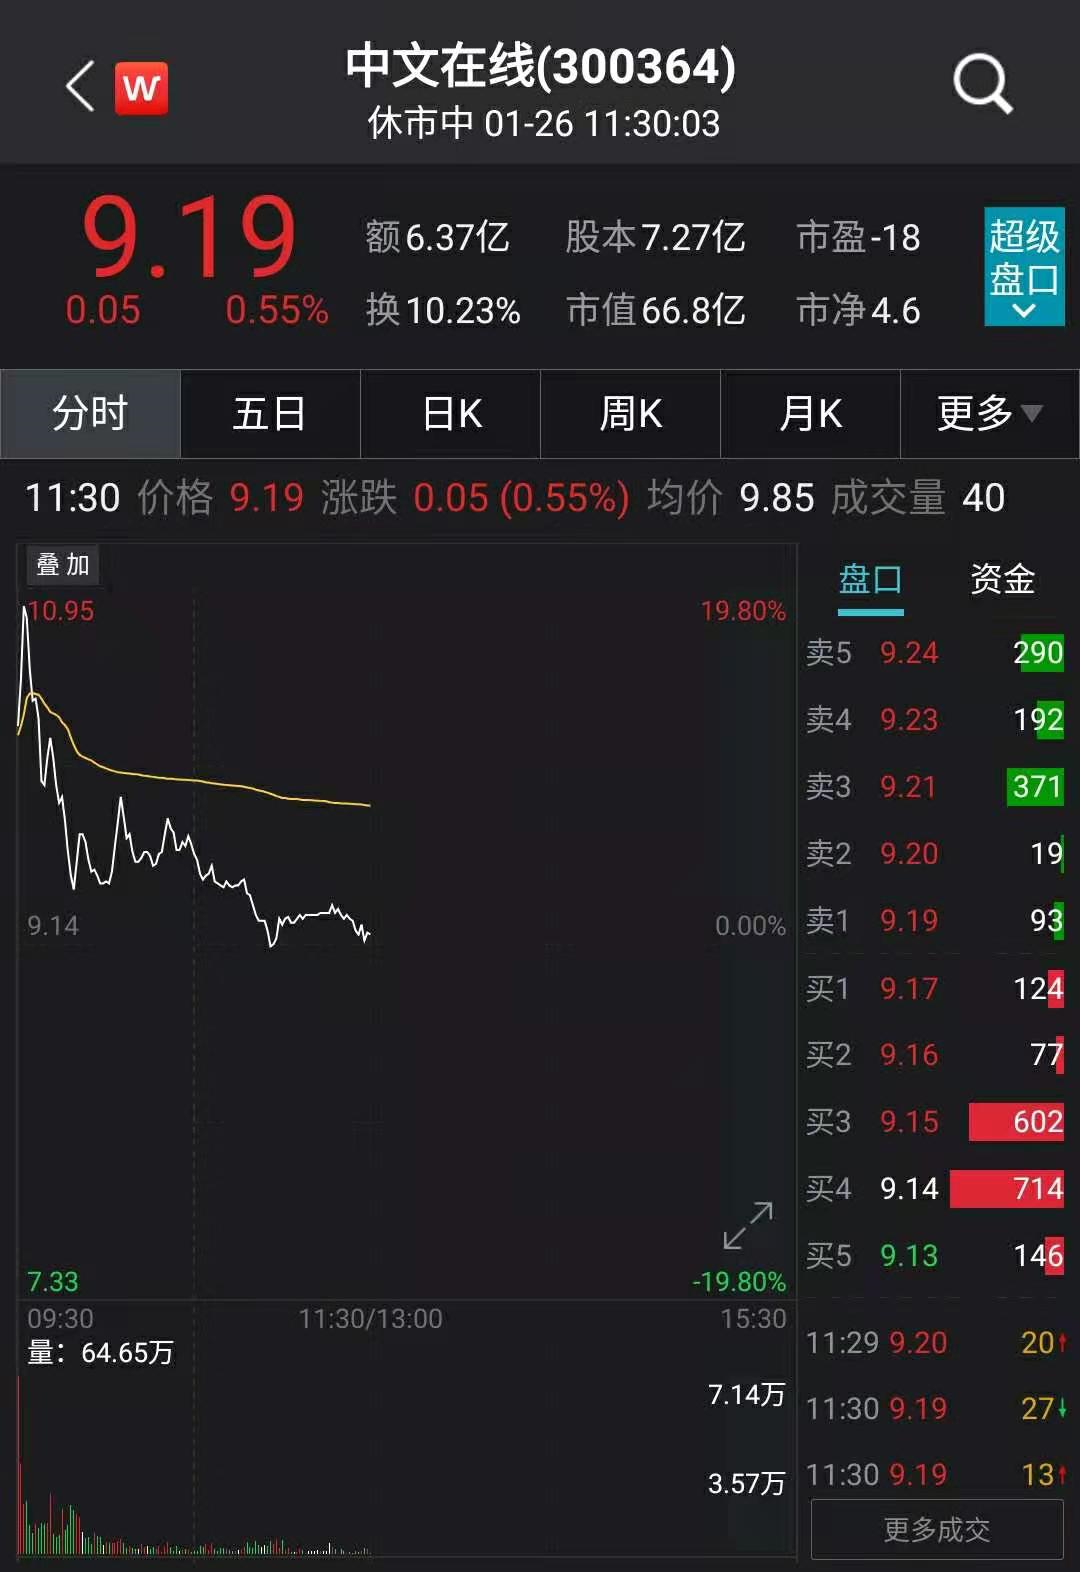 中文在线牵手腾讯百度两大巨头:居然没有换来涨停 怎么肥事?